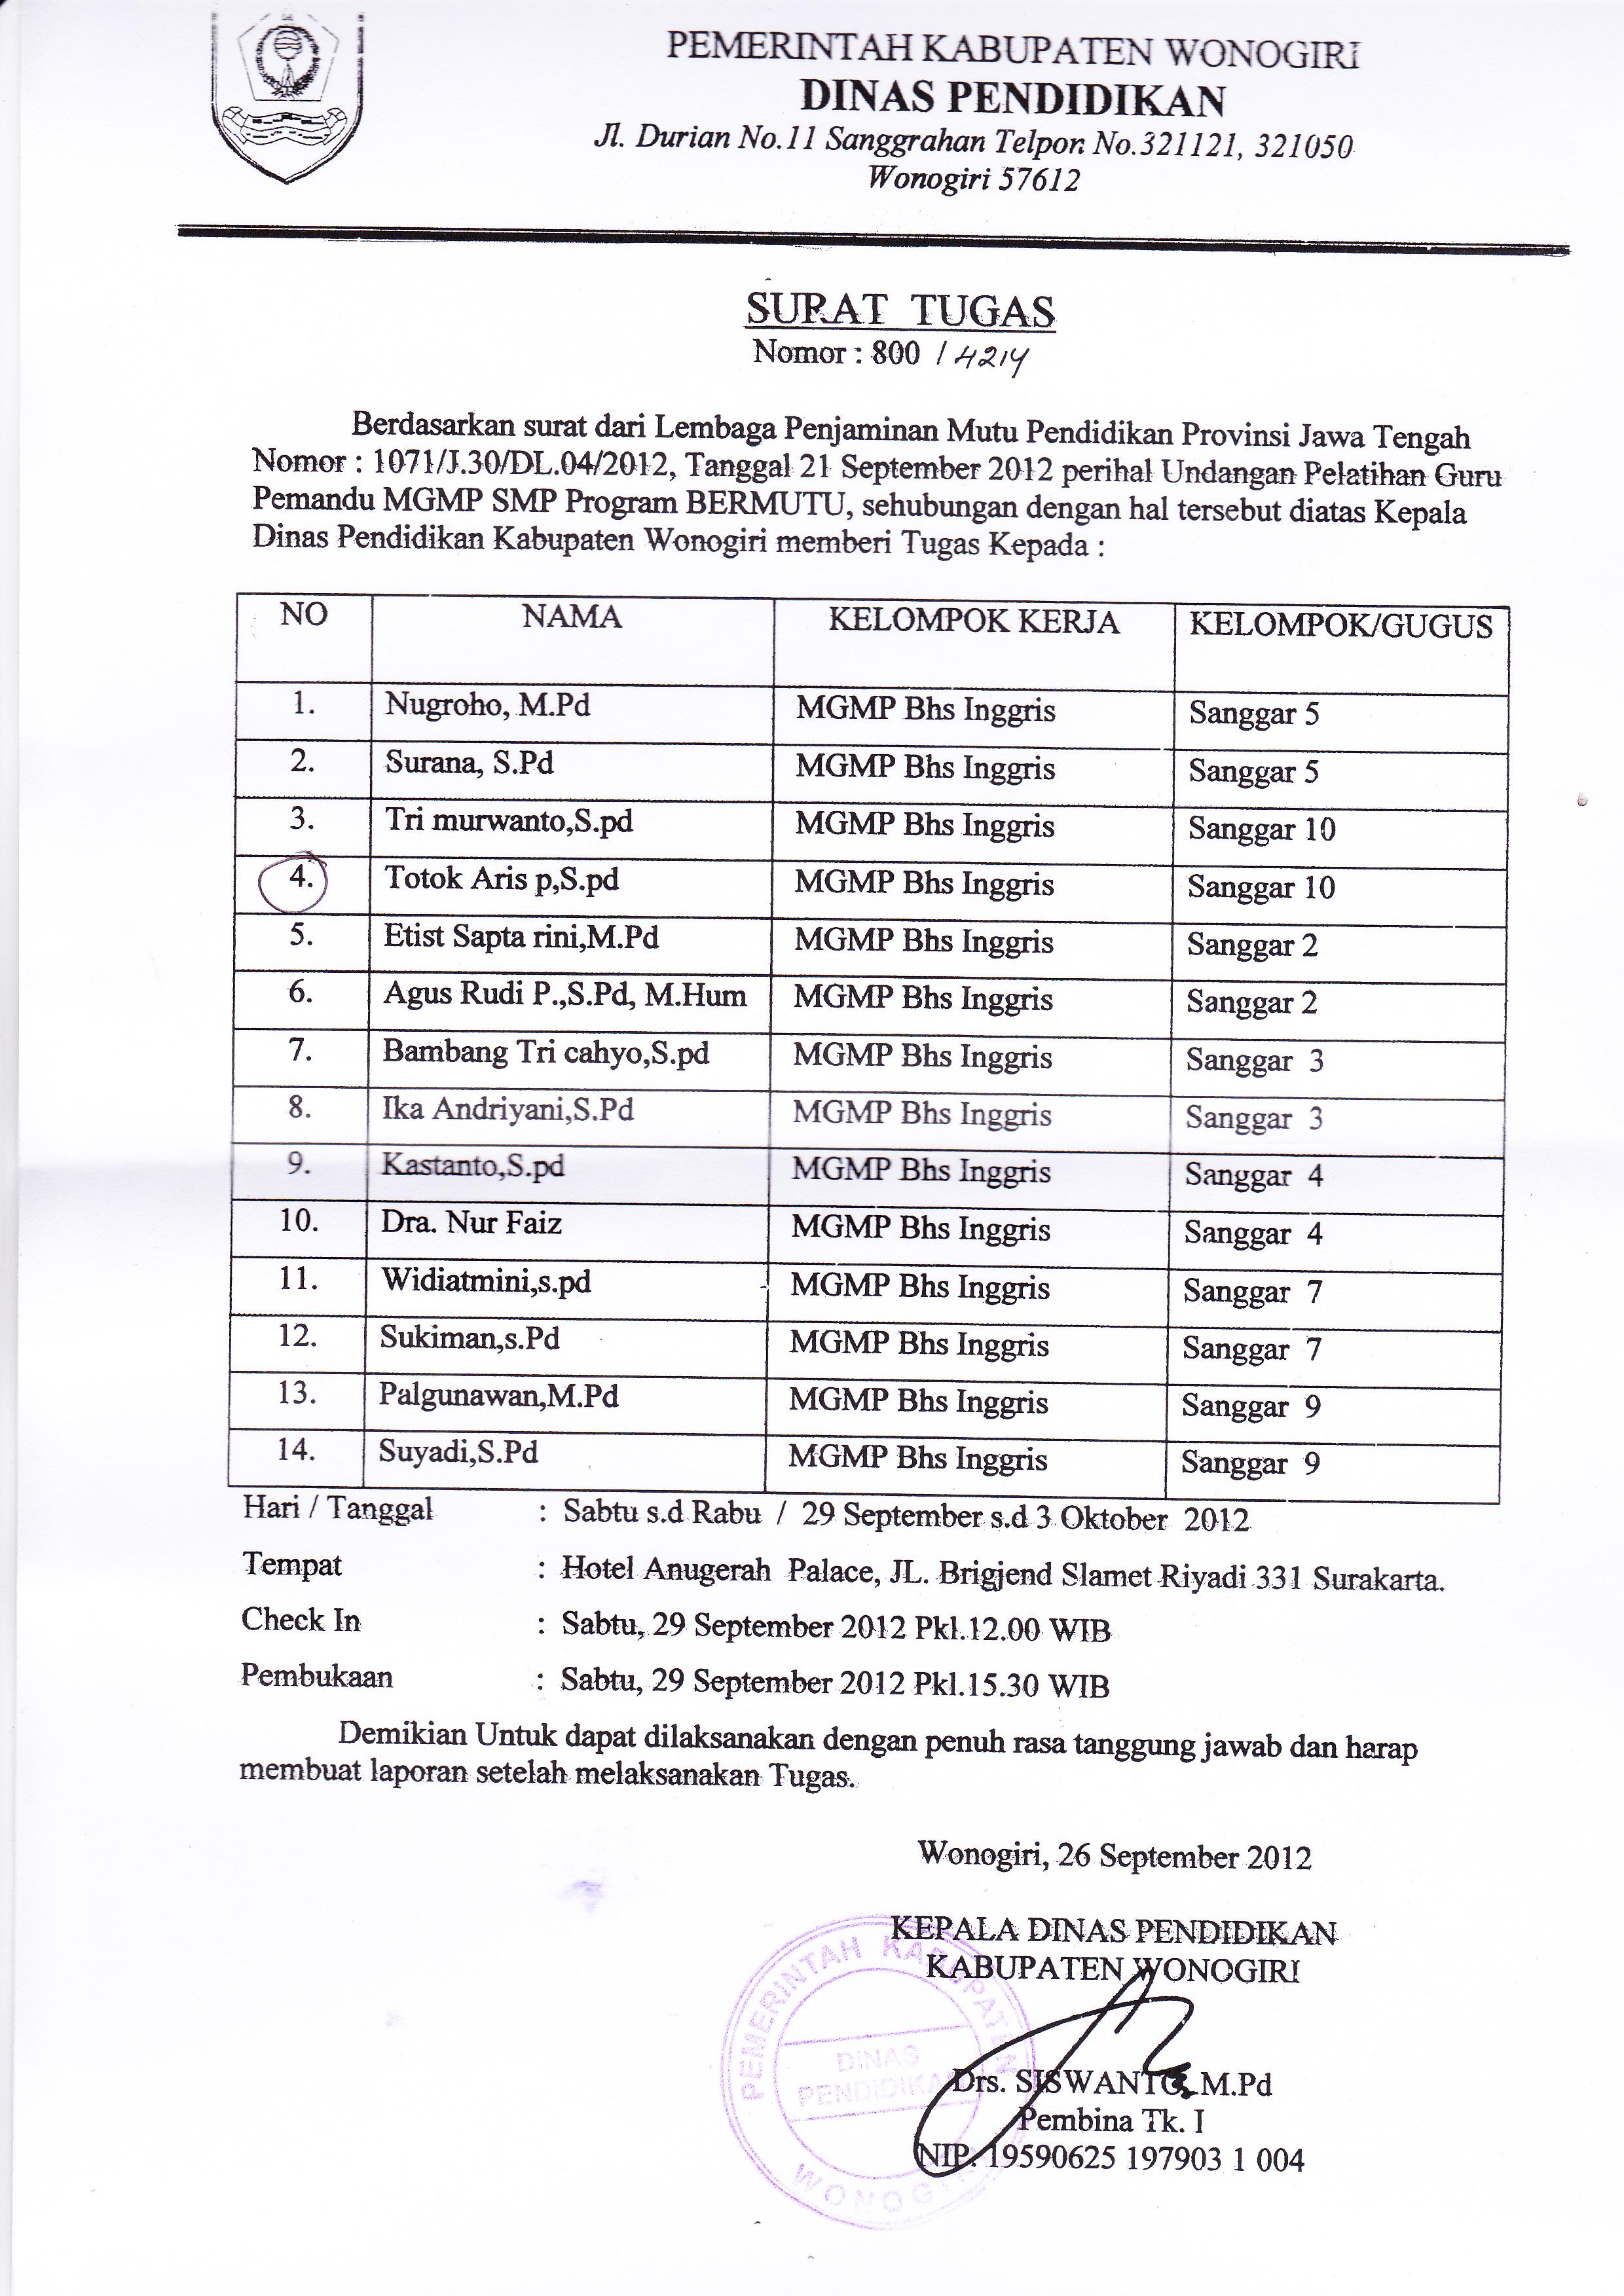 Surat Tugas Guru Pemandu Mgmp Bahasa Inggris Smp Kabupaten